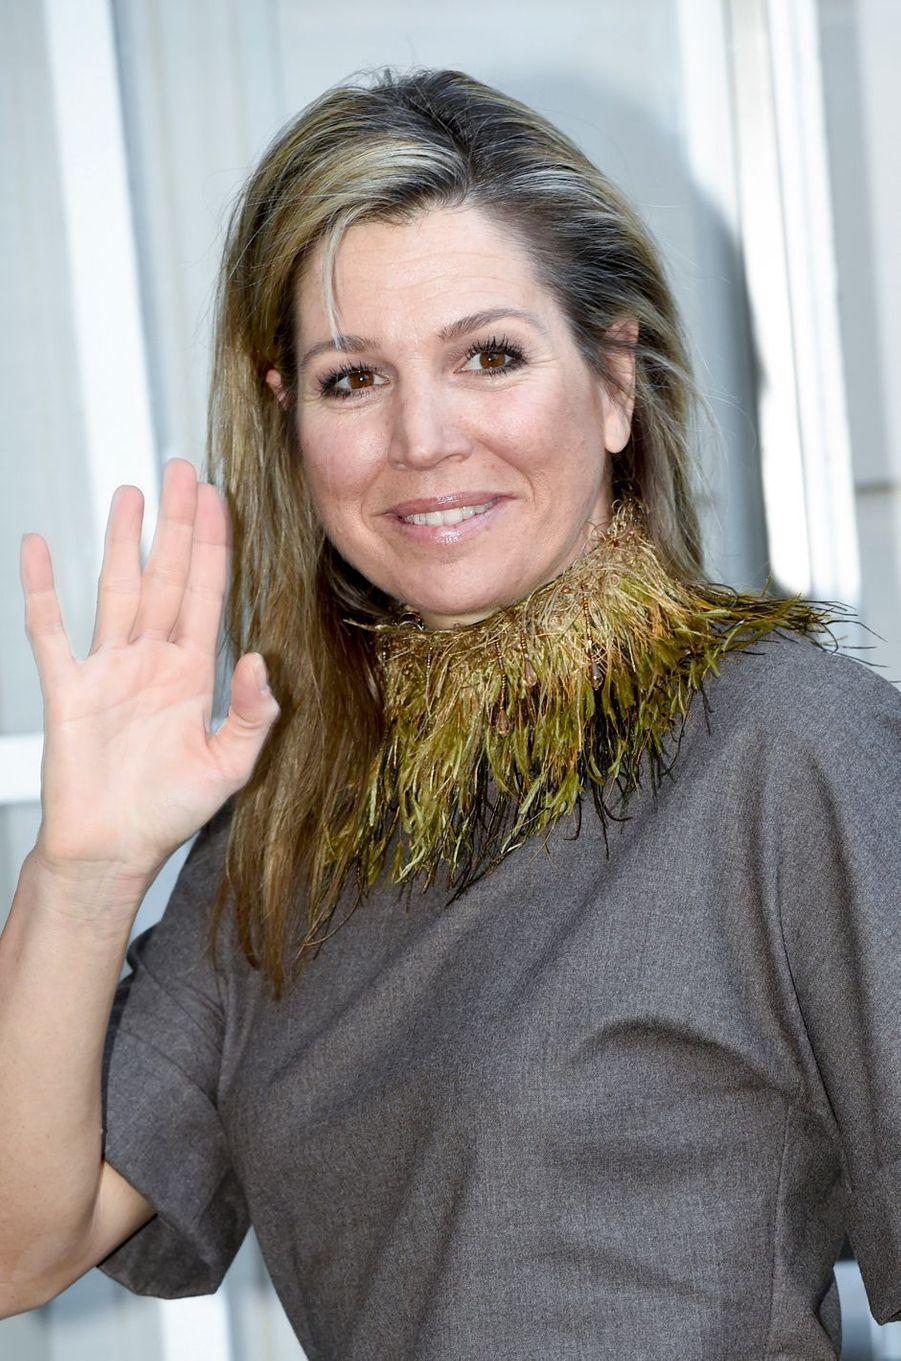 La reine Maxima des Pays-Bas à La Haye, le 12 mars 2018